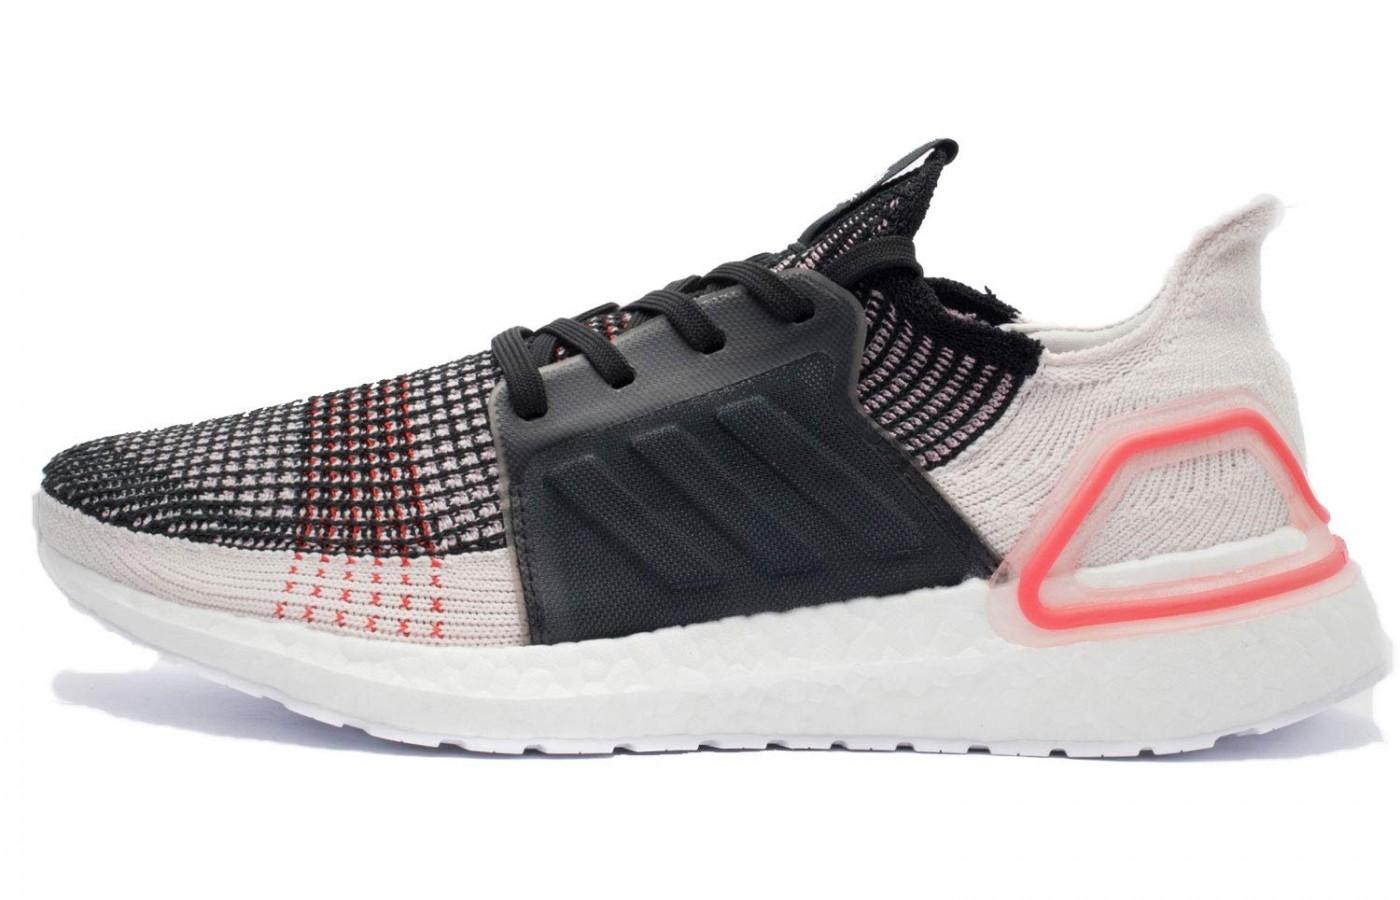 Adidas Ultraboost 19 3